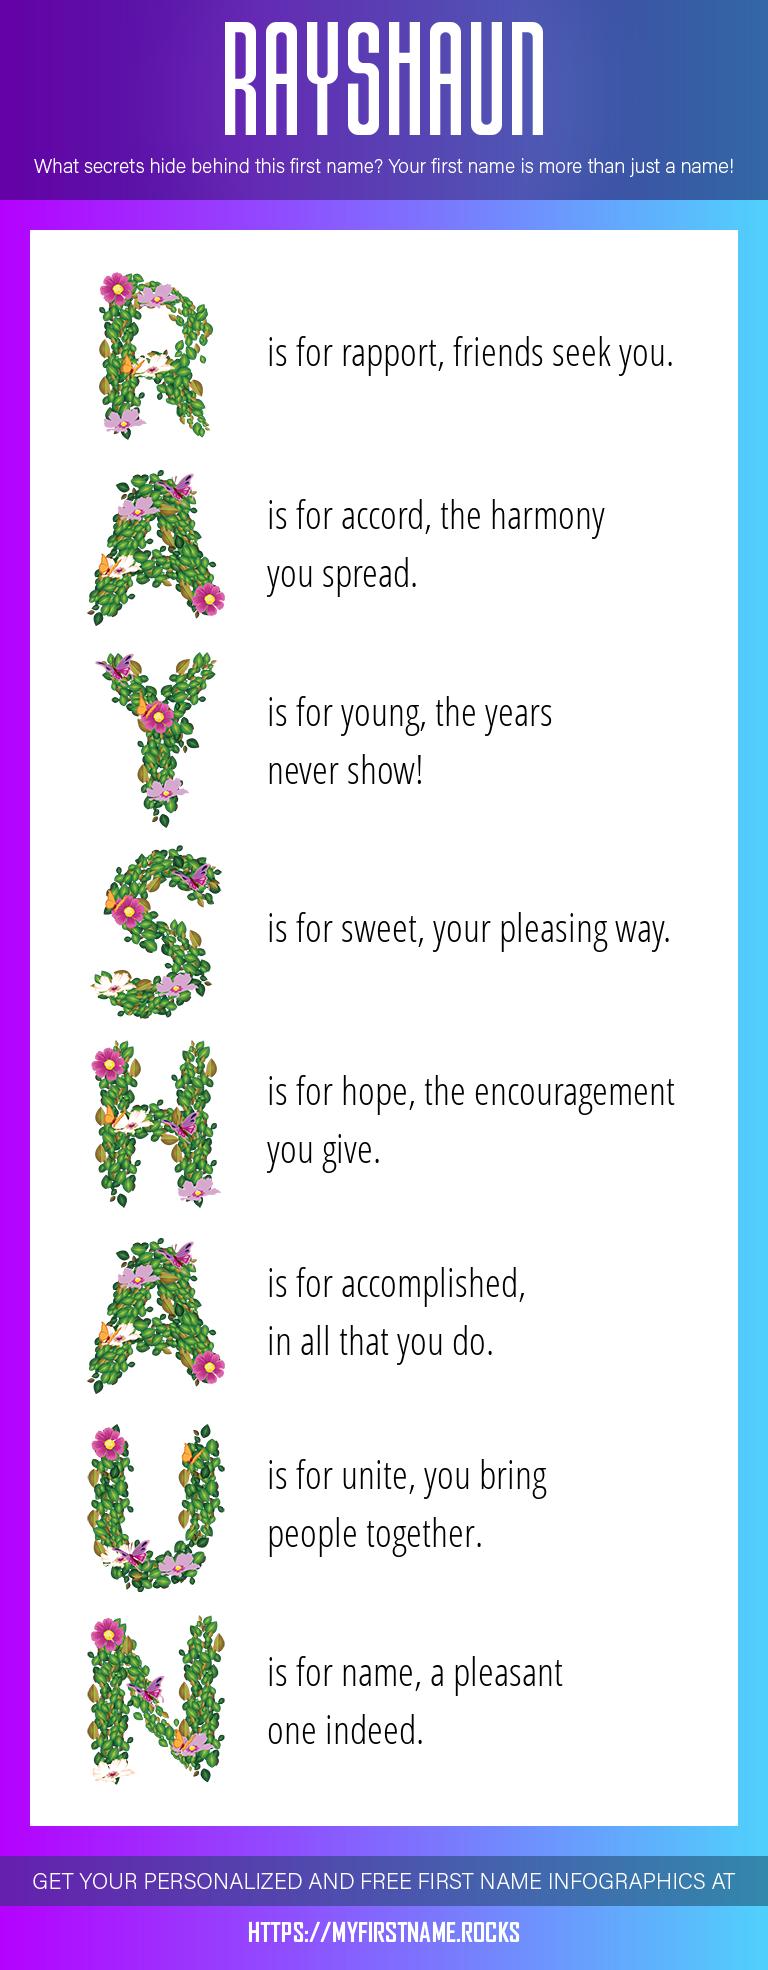 Rayshaun Infographics